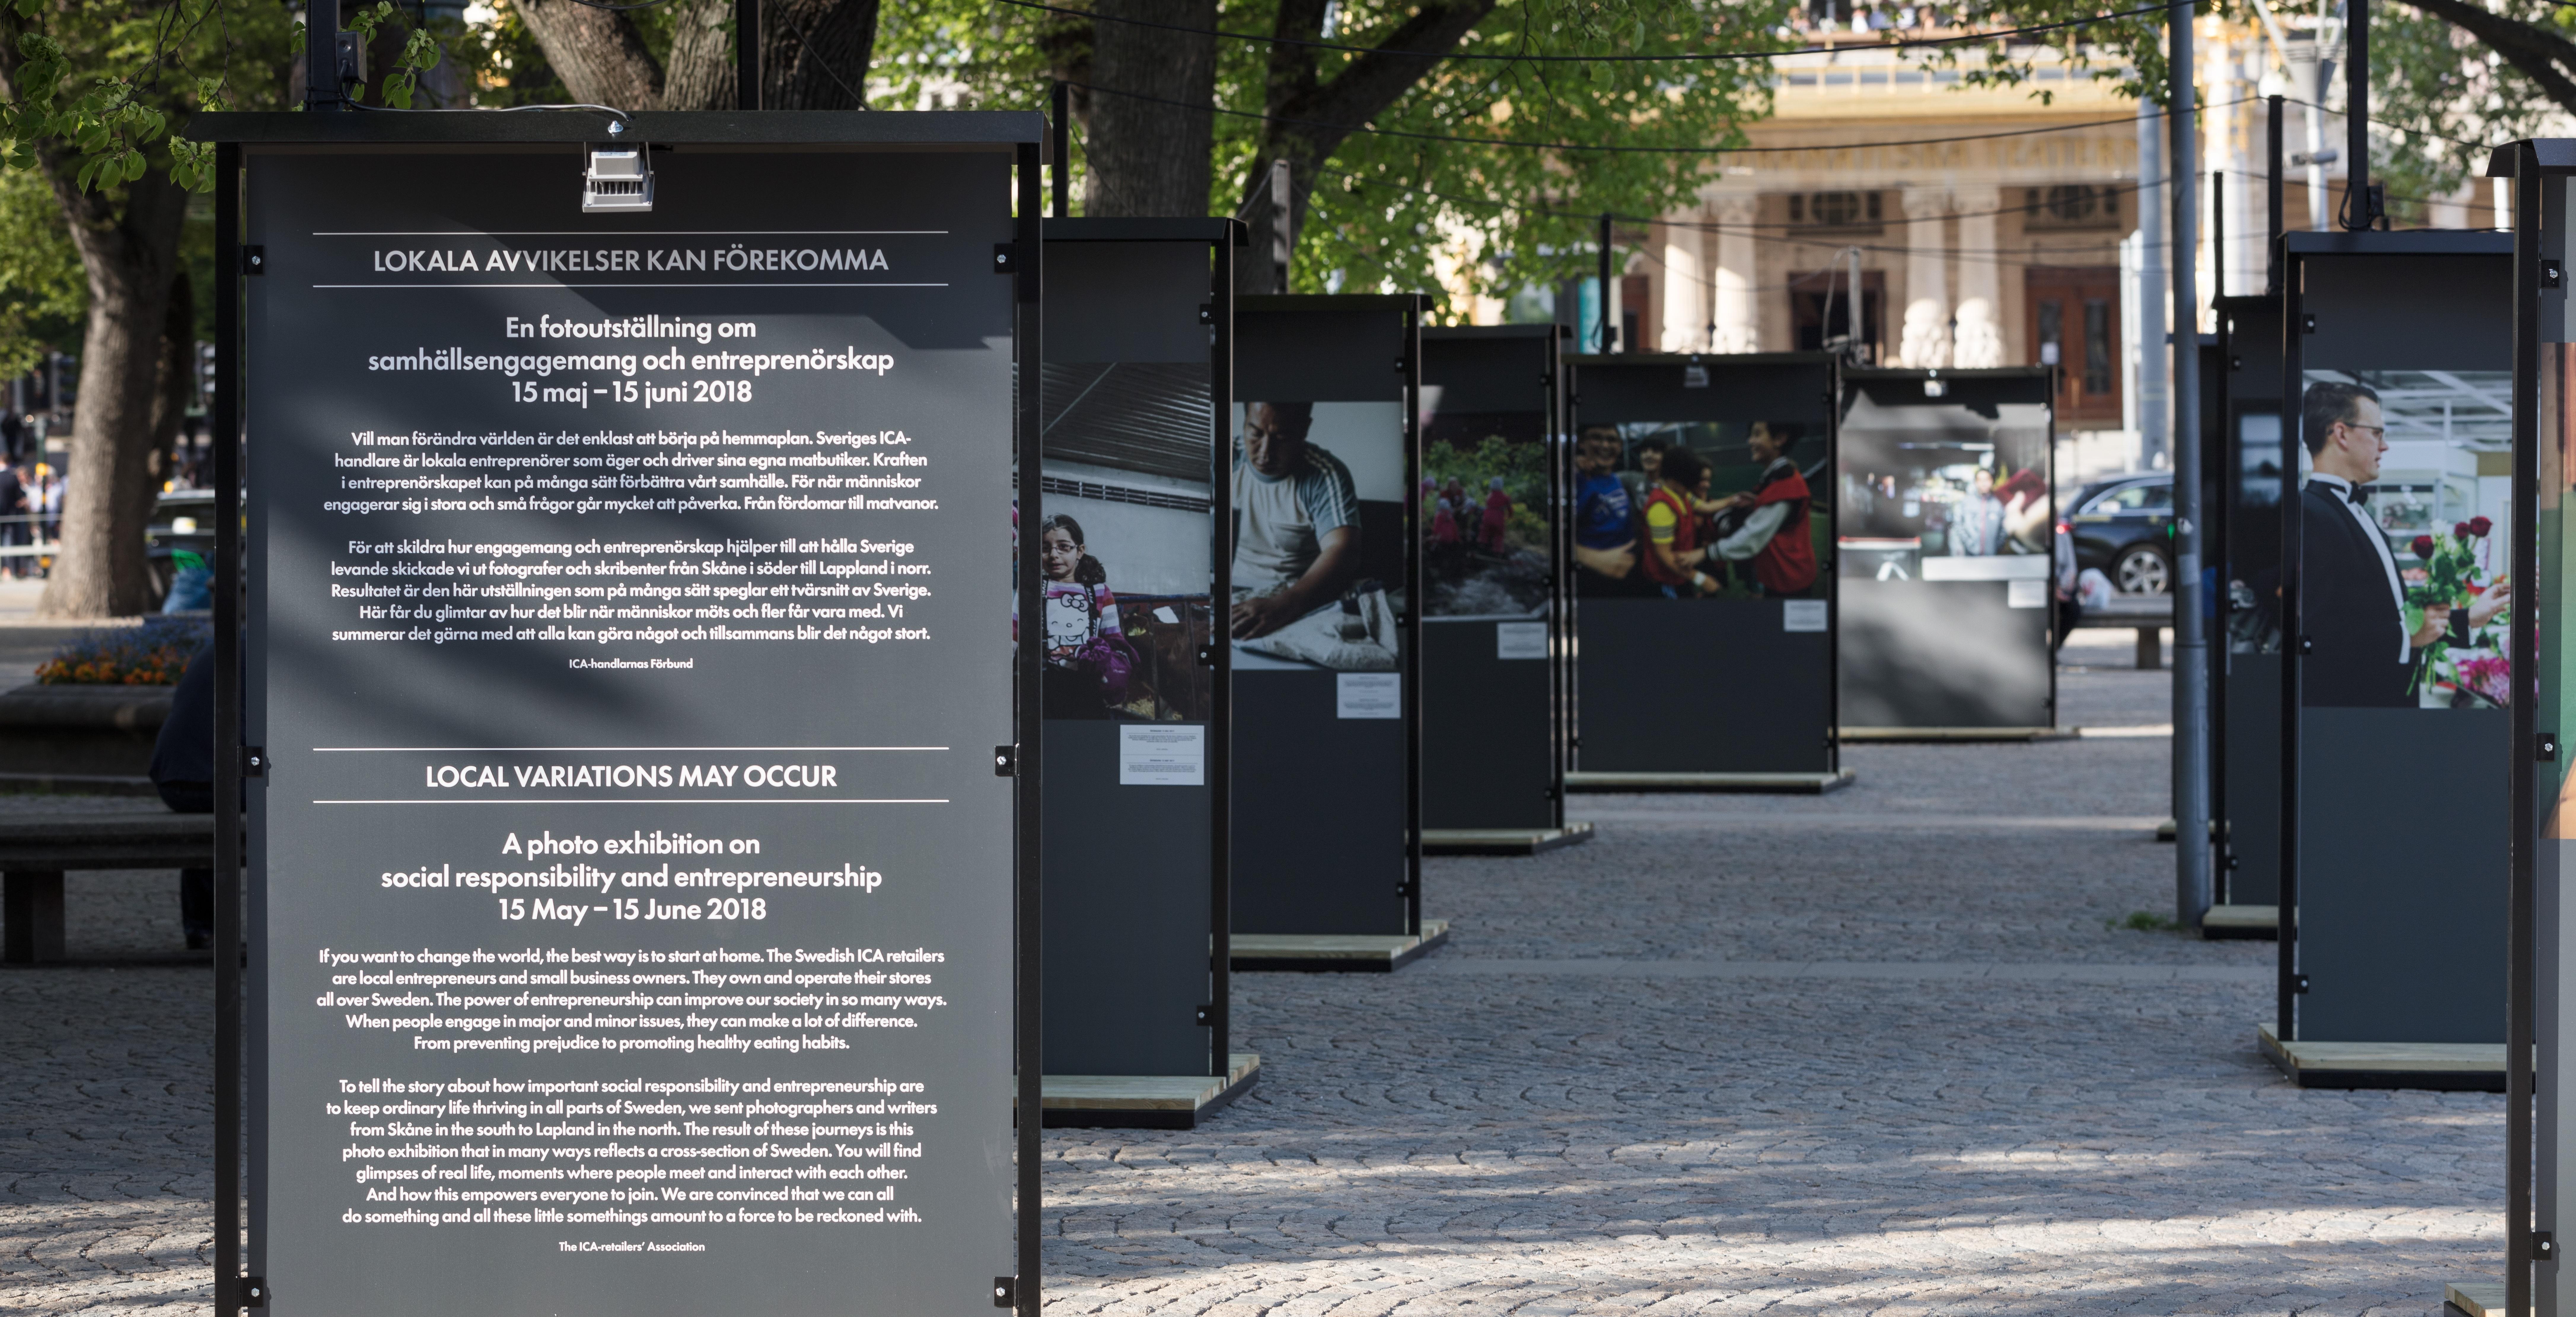 Premiär! Ny fotoutställning på Raoul Wallenbergs Torg (15 maj-15 juni)